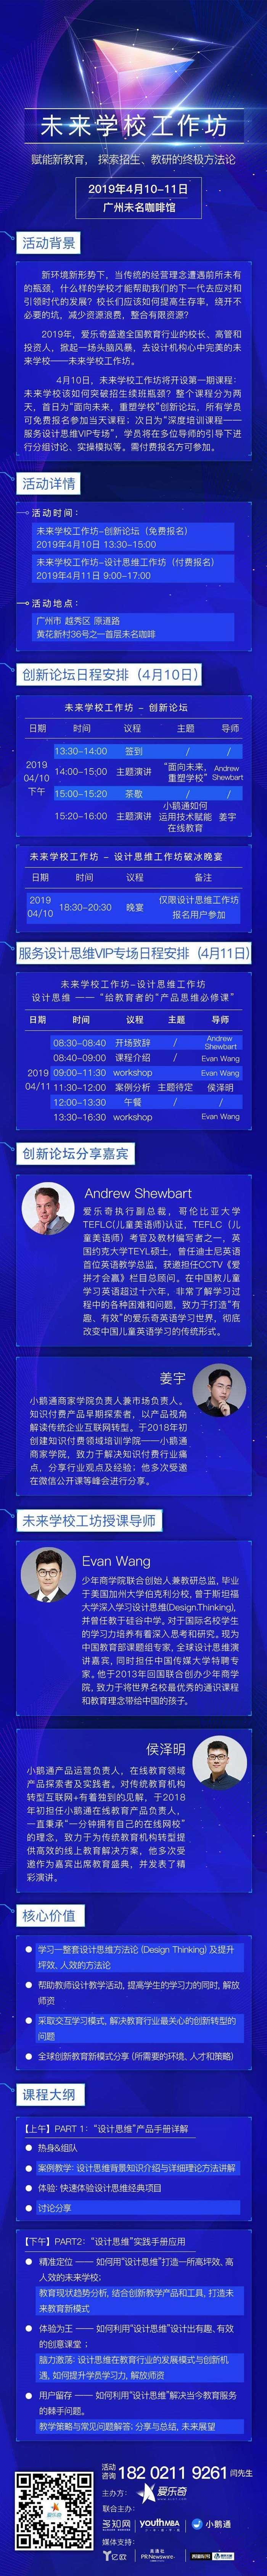 未来工坊长图 (3).jpg